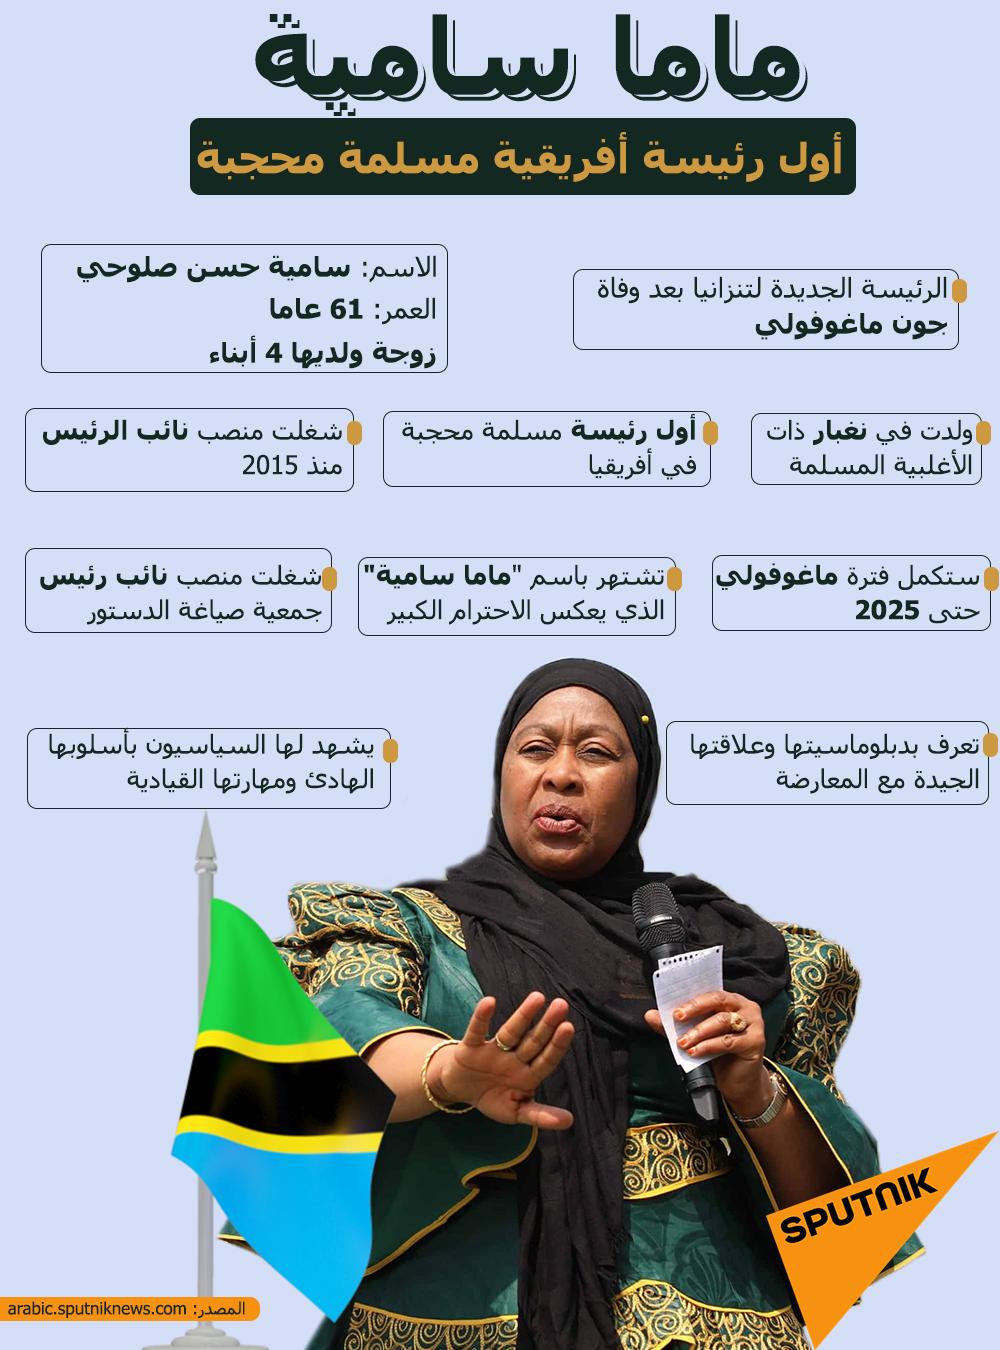 ماما سامية.. أول رئيسة أفريقية مسلمة محجبة